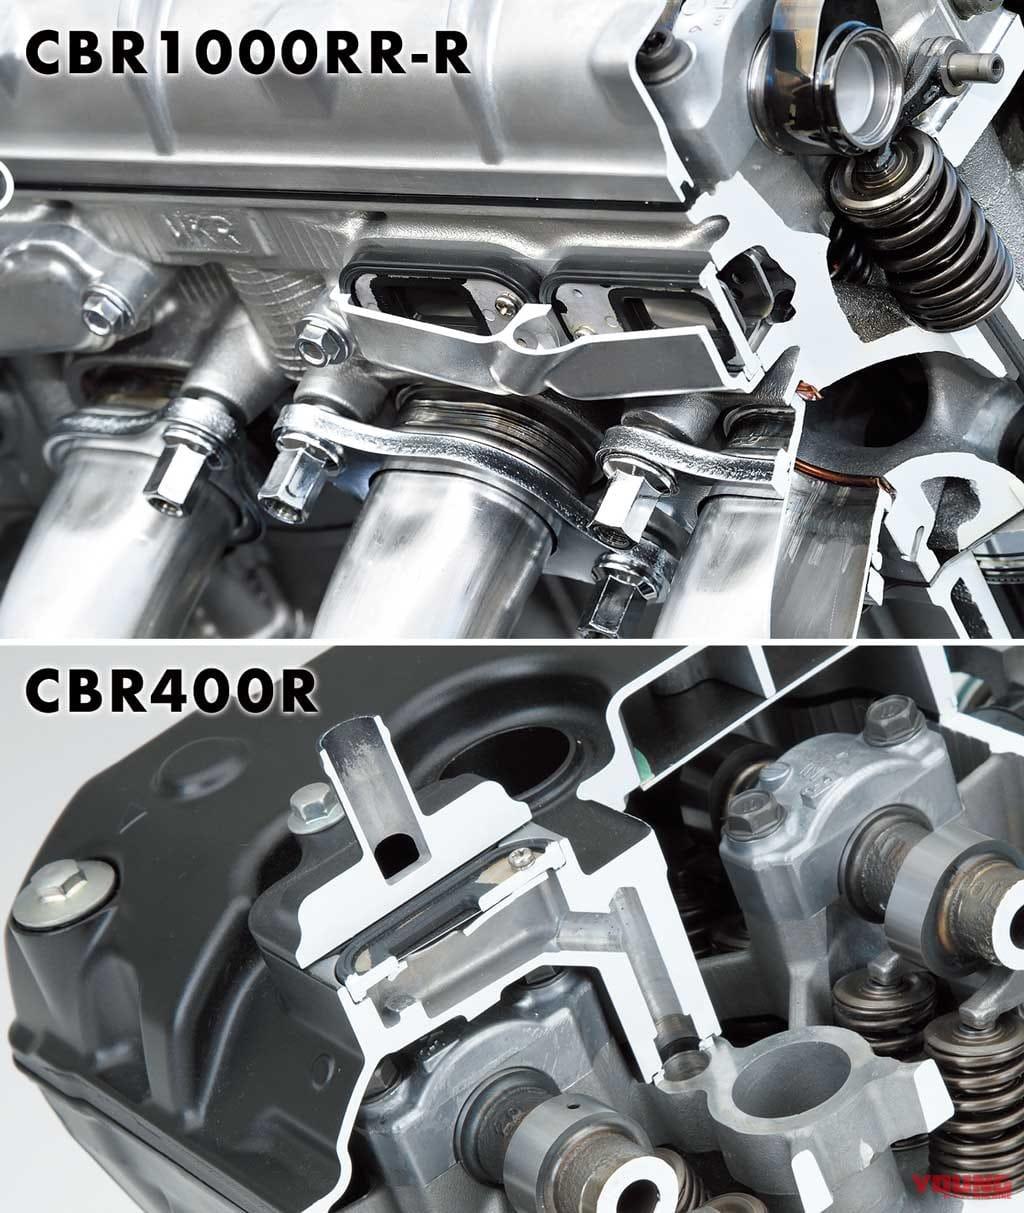 CBR1000RR-Rエンジンマニアック解説:二次エア装置